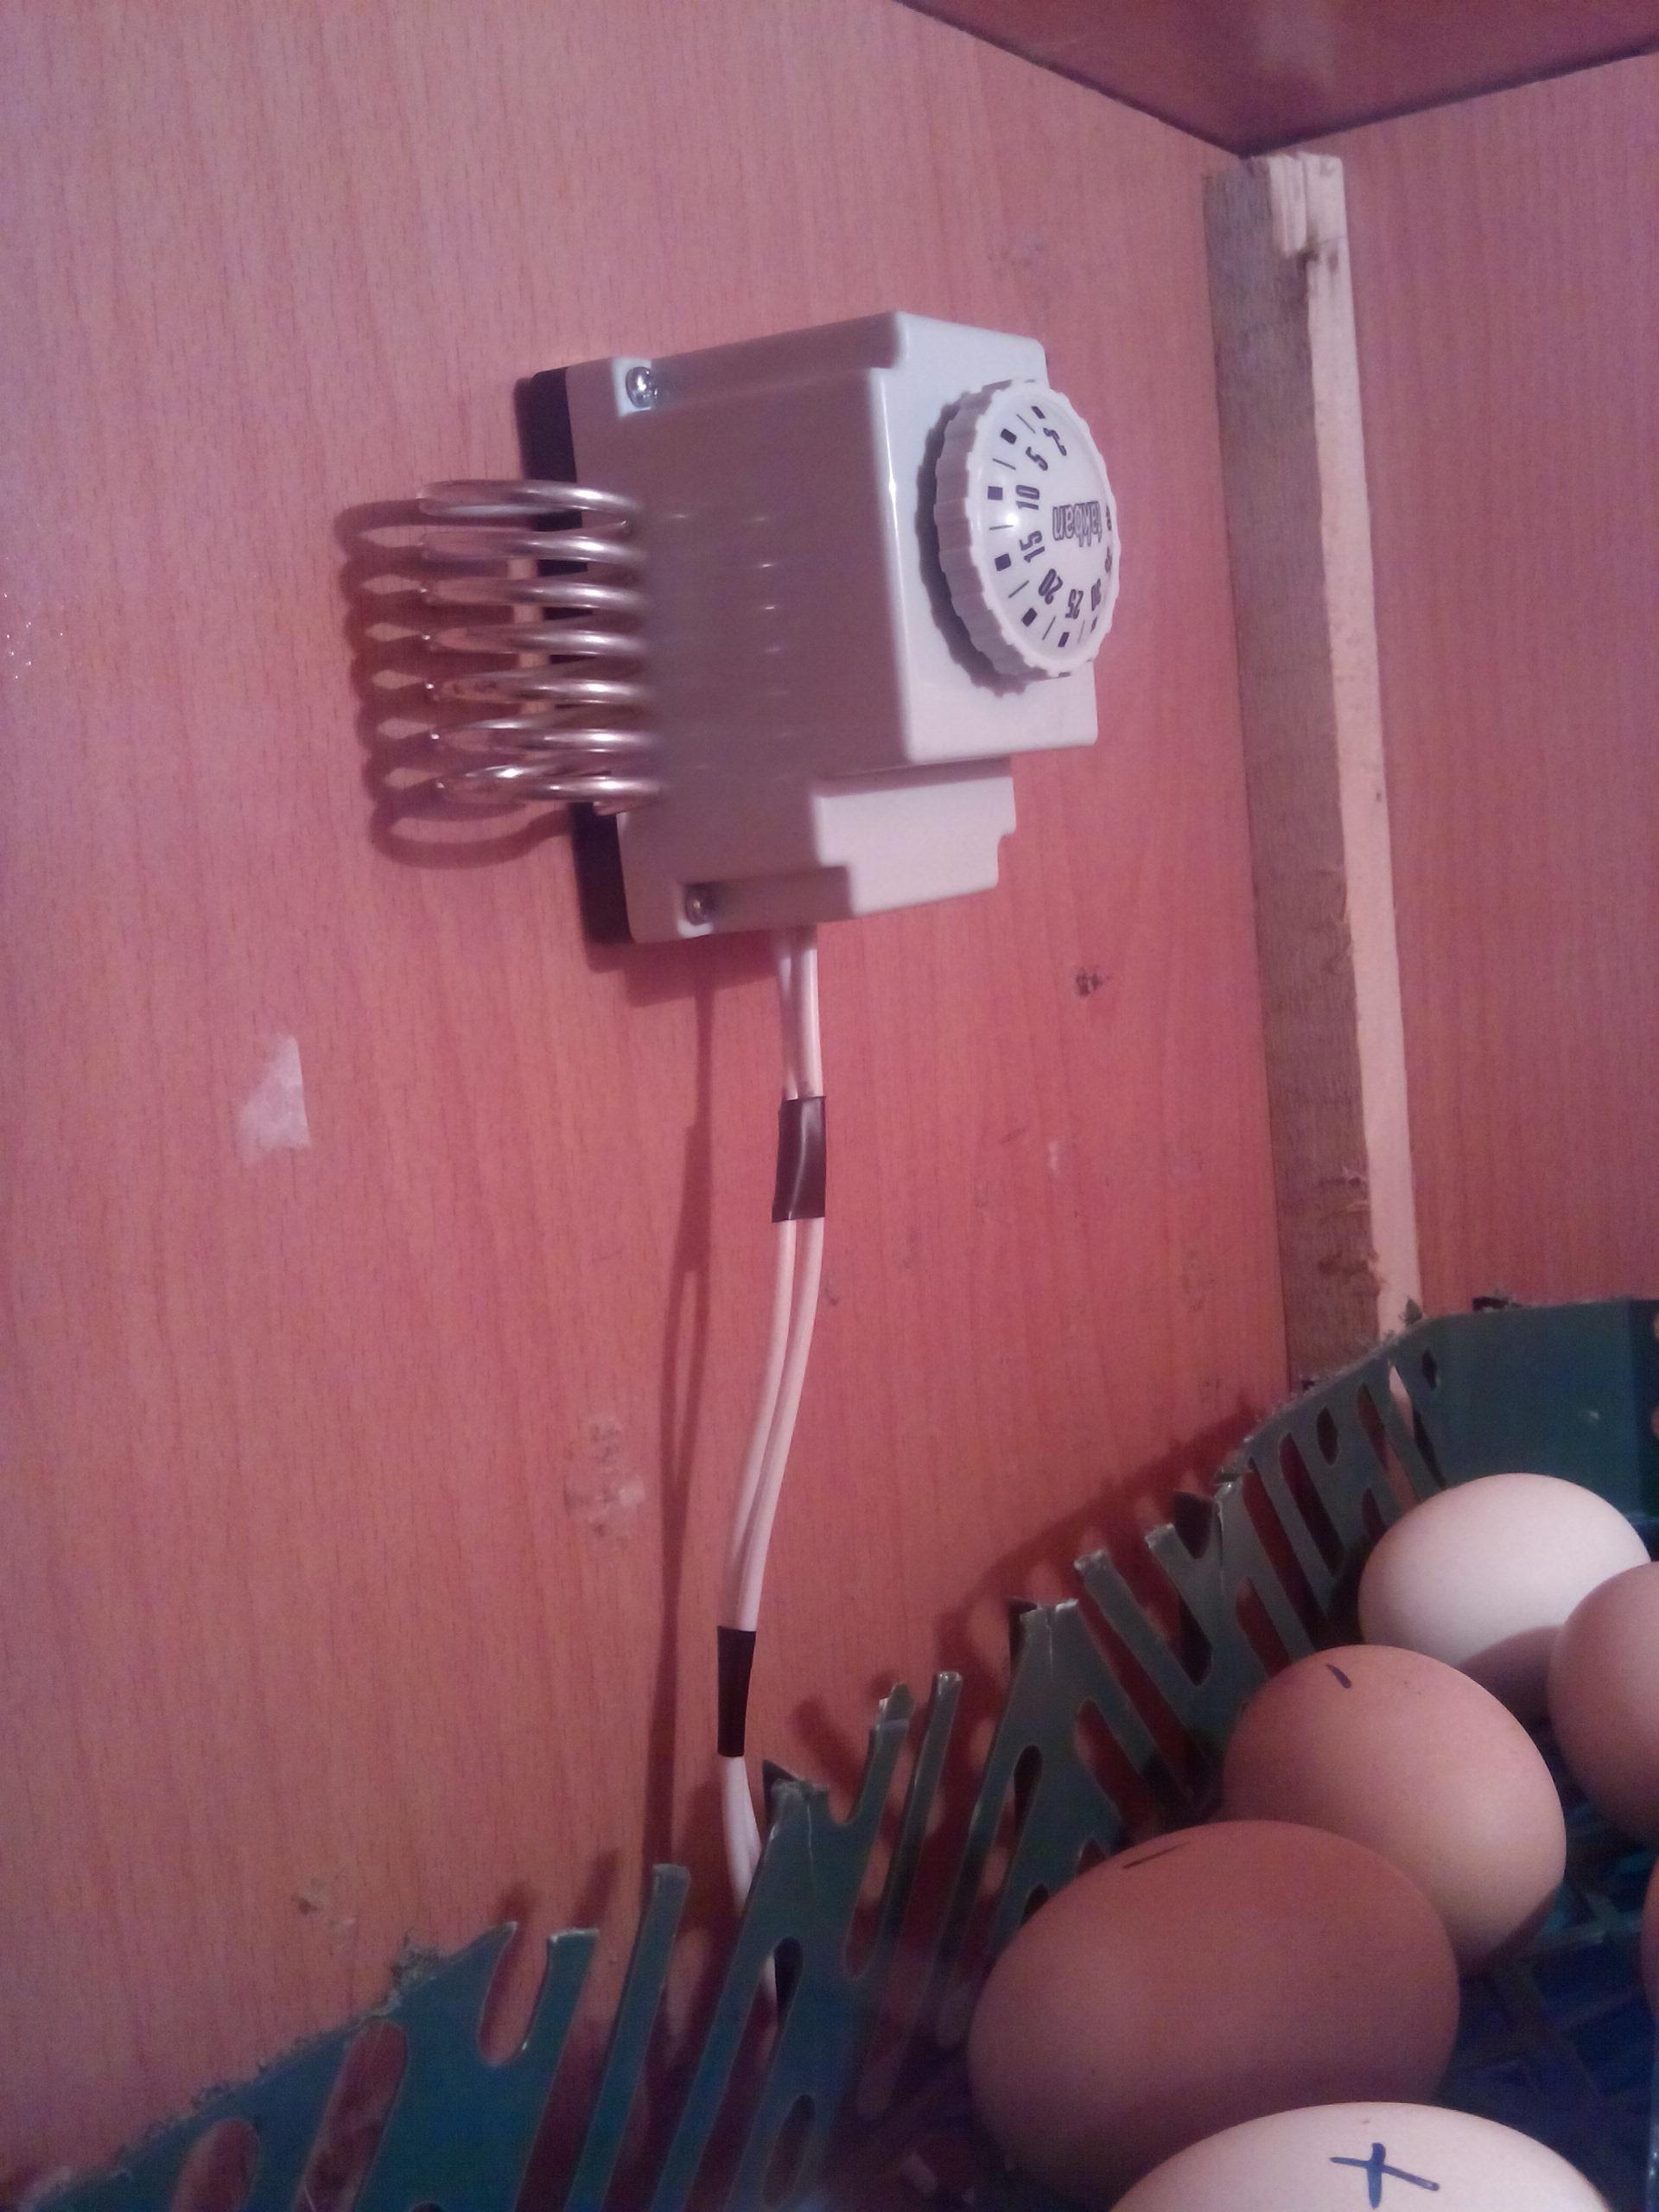 طریقه ساخت شیپور با بادکنک لوله روش ساخت یک بخاری برقی ساده - شرکت بازرگانی mimplus.ir